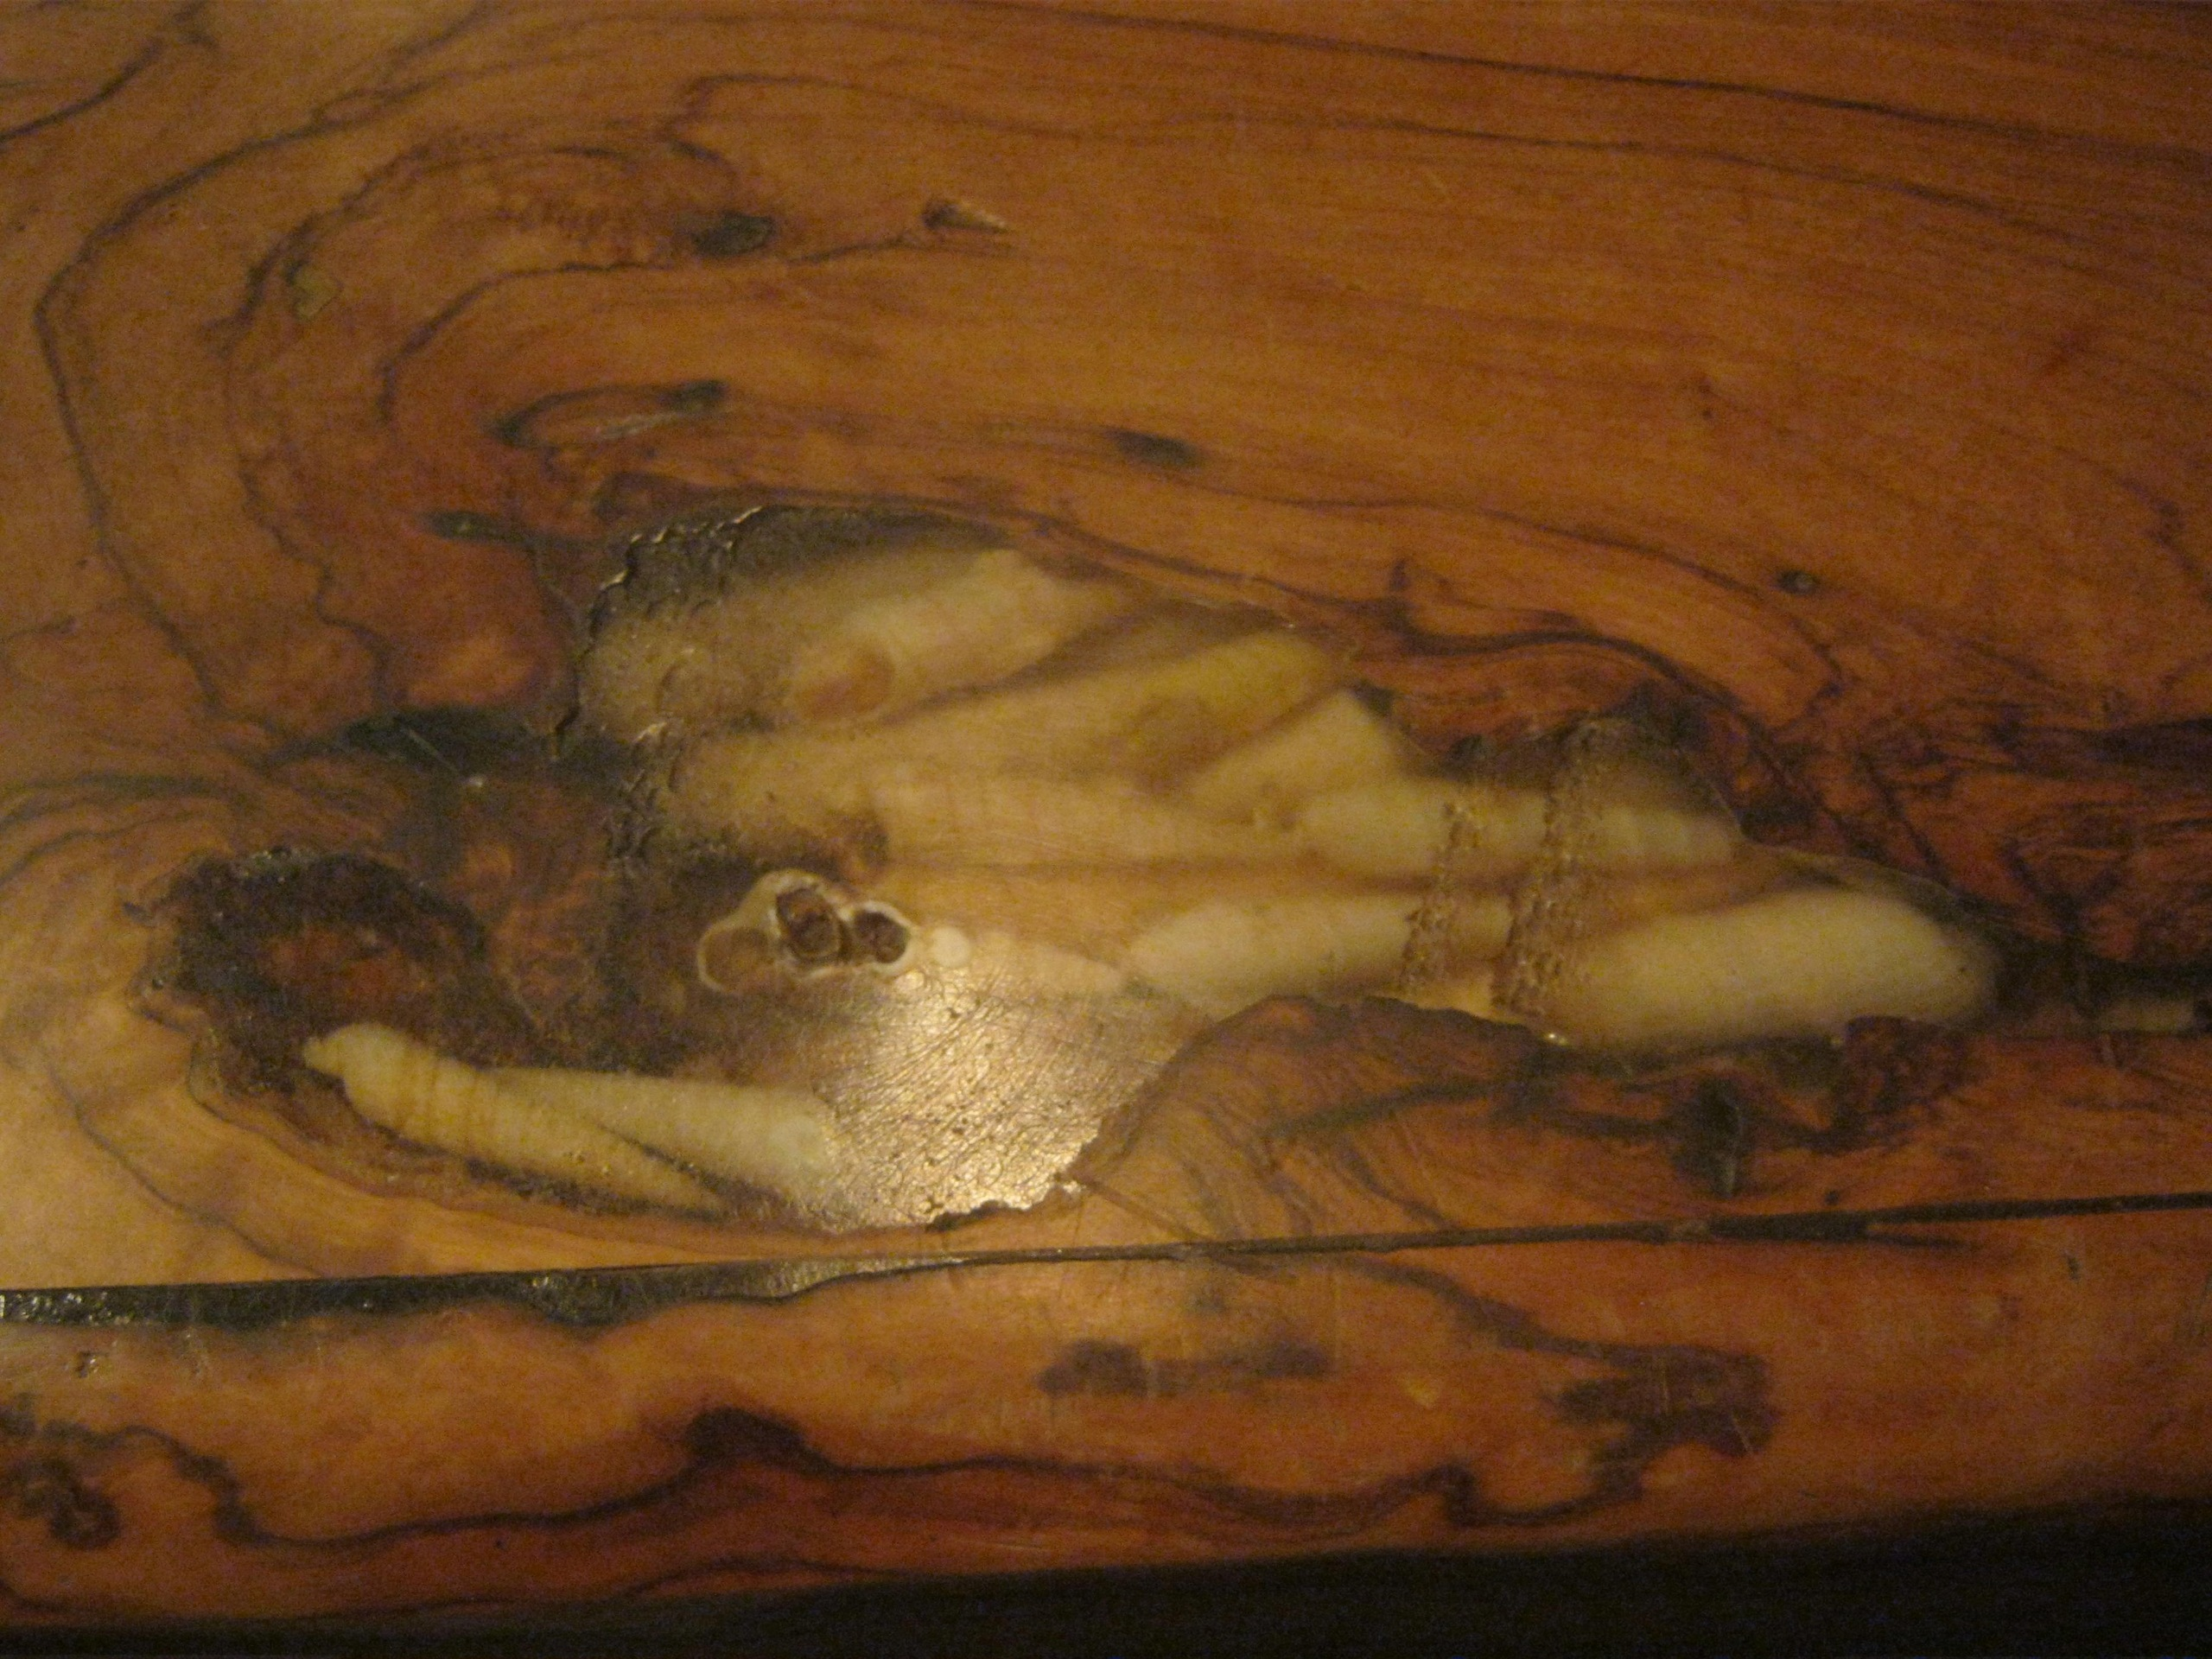 впечатанные морские ракушки при вторжении на Кипр